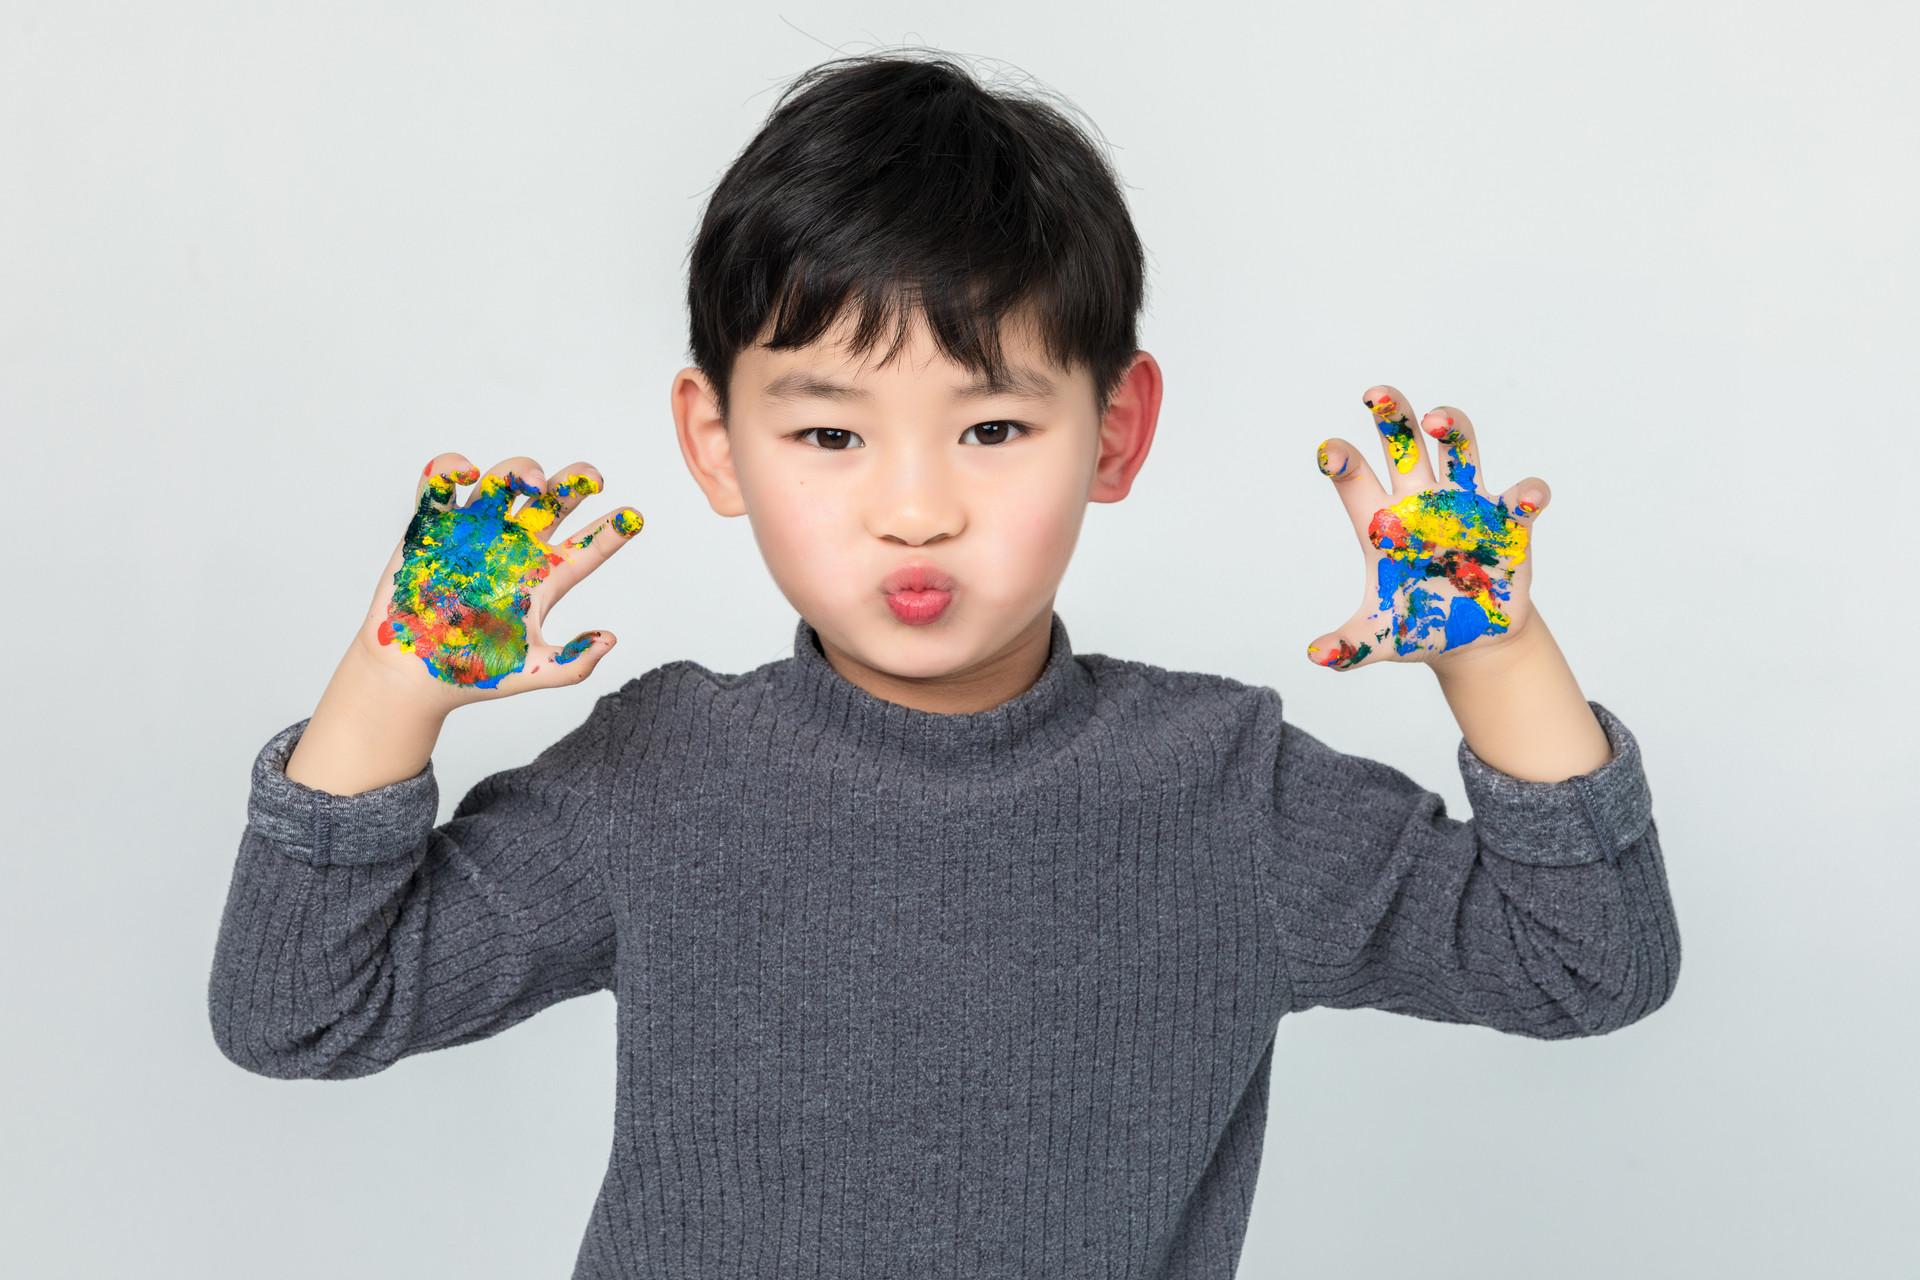 南通崇川区儿童感统培训中心招生简章